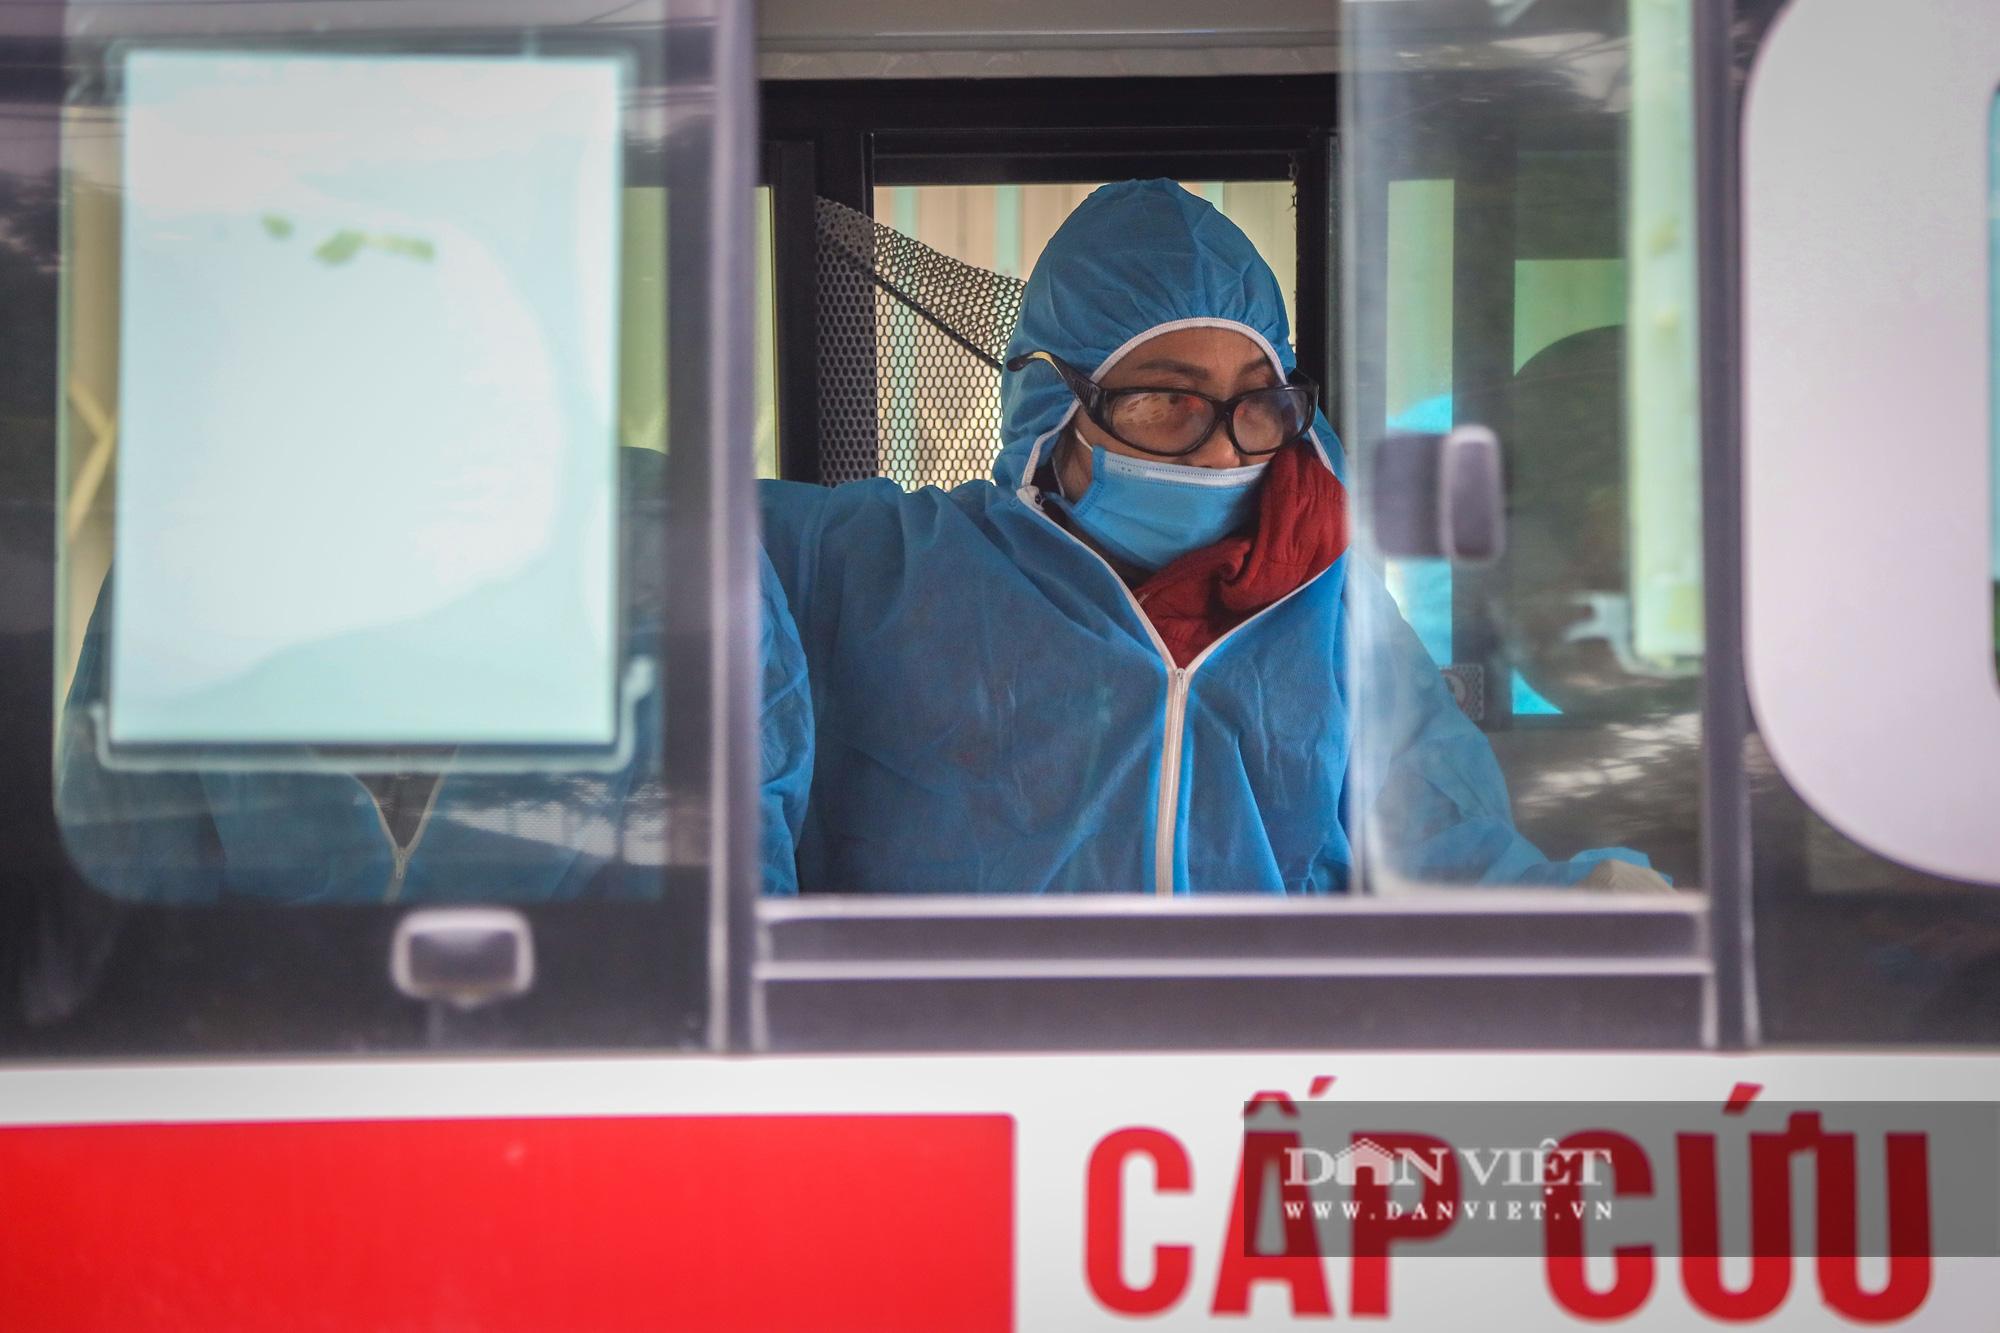 Đưa bố mẹ vợ của ca nhiễm Covid-19 thứ 3 ở Hà Nội đi cách ly - Ảnh 10.